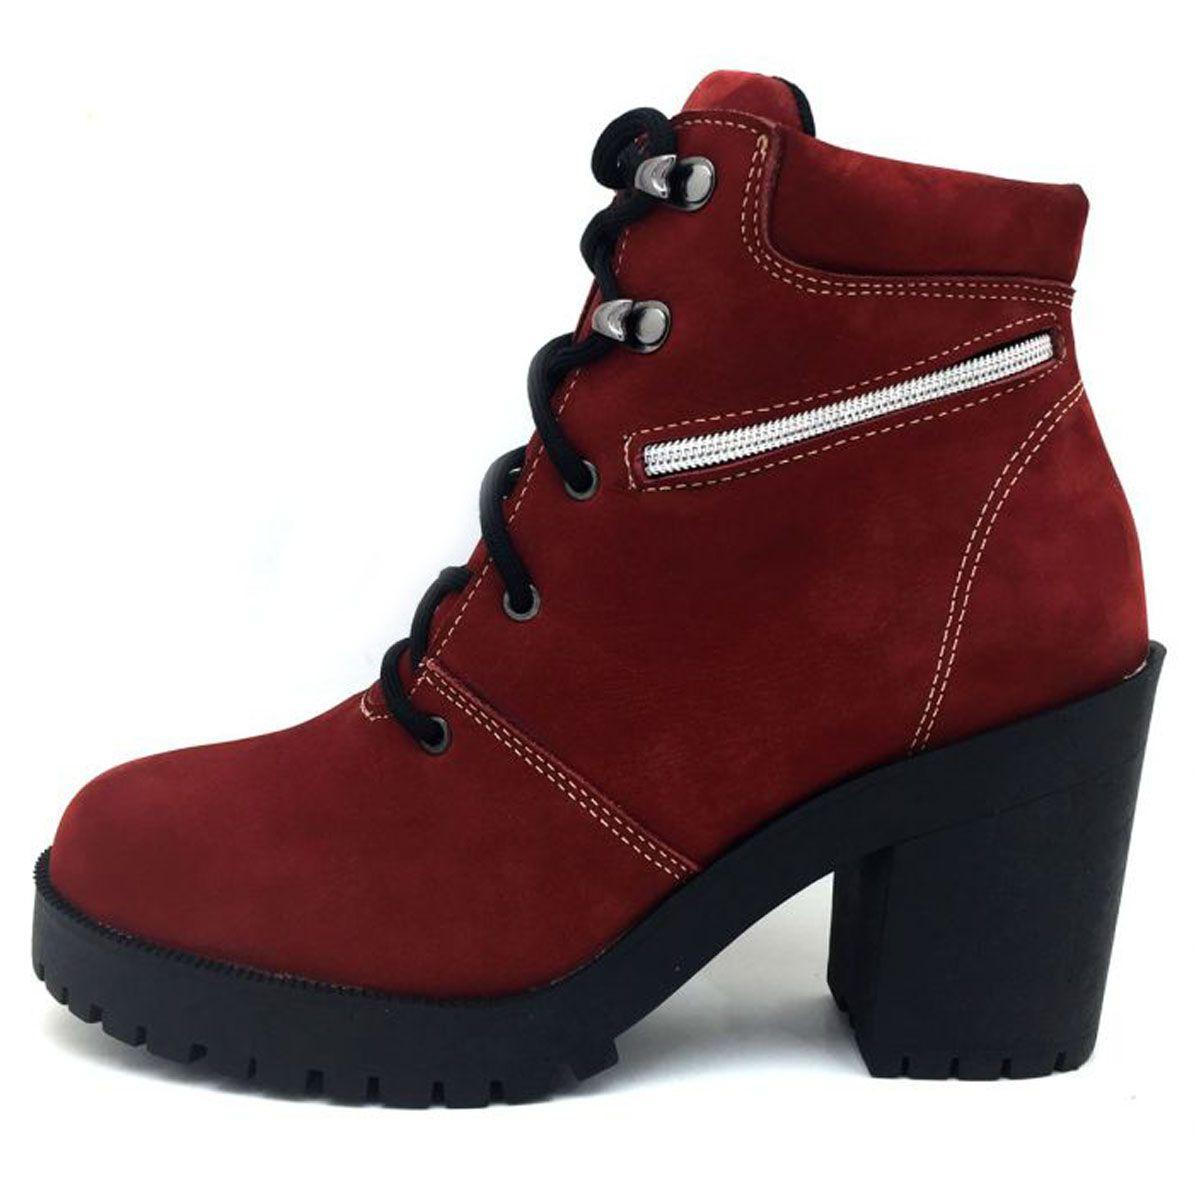 b142ae4a4 Coturno feminino de cano curto em couro legítimo na cor vermelha 9405